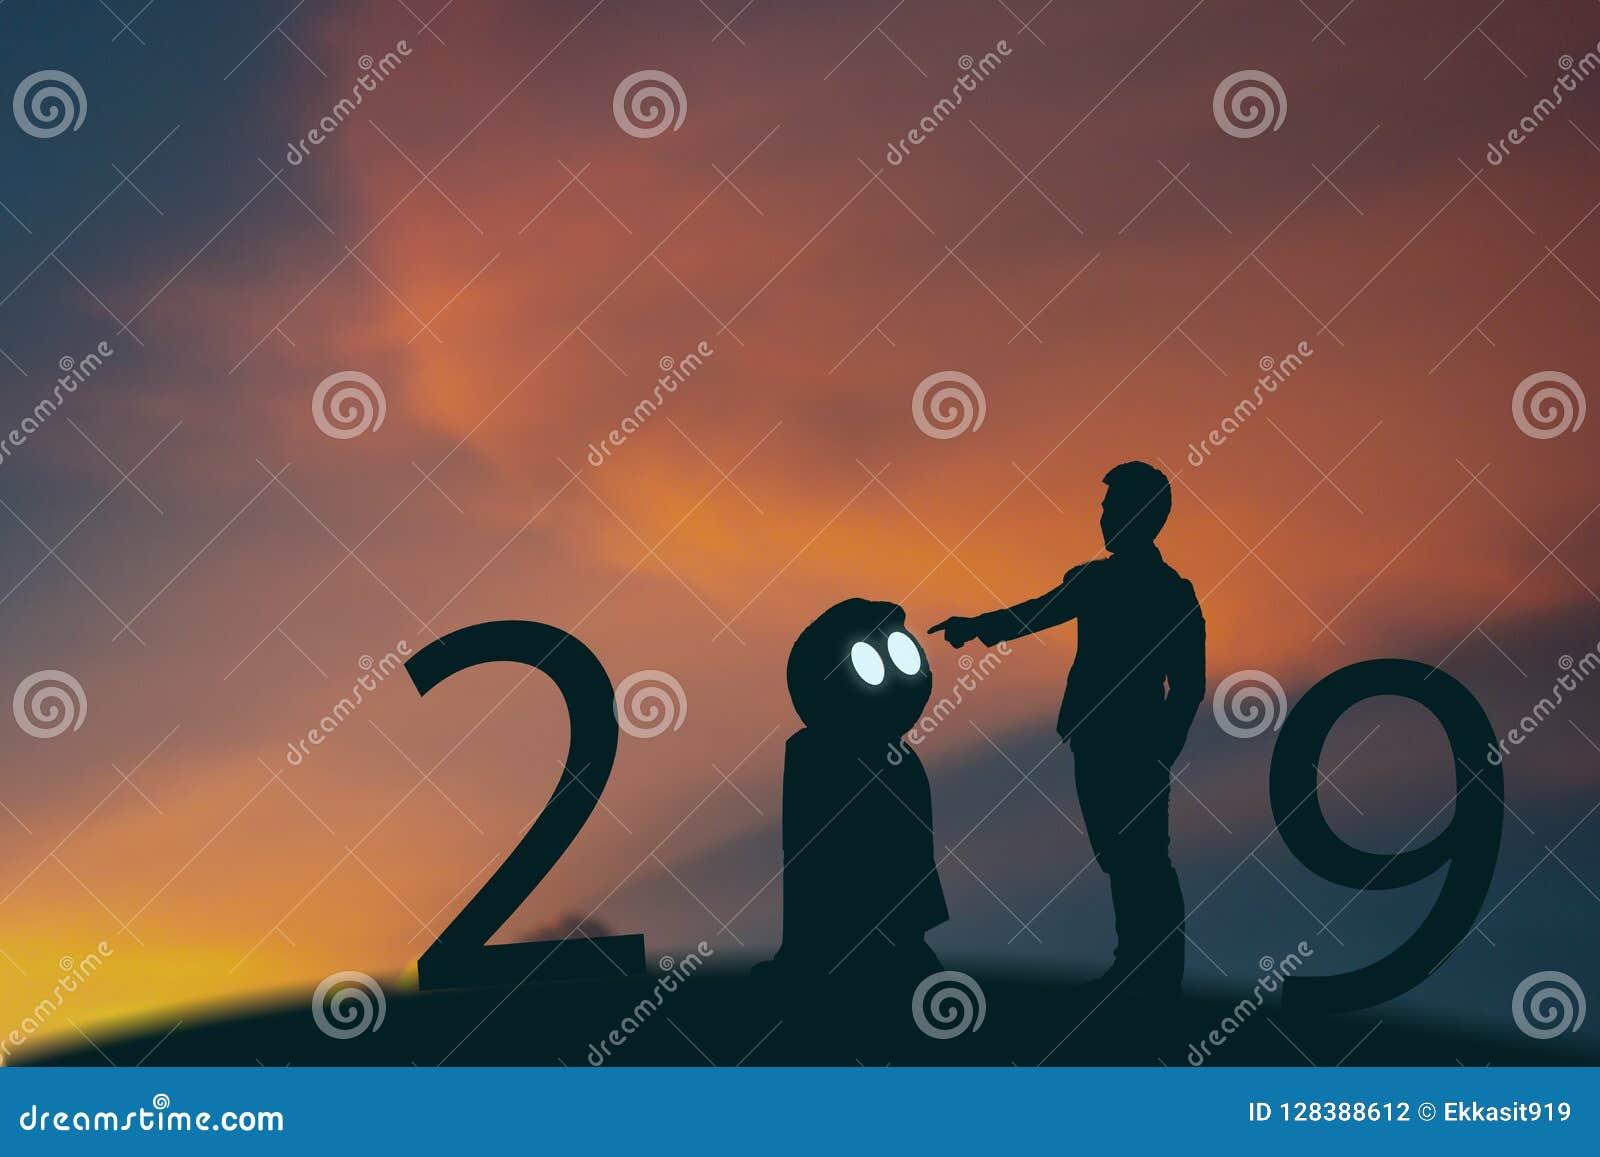 Inteligencia artificial de 2019 años o concepto del ai, soporte del hombre de negocios de la silueta y mano futuristas del punto